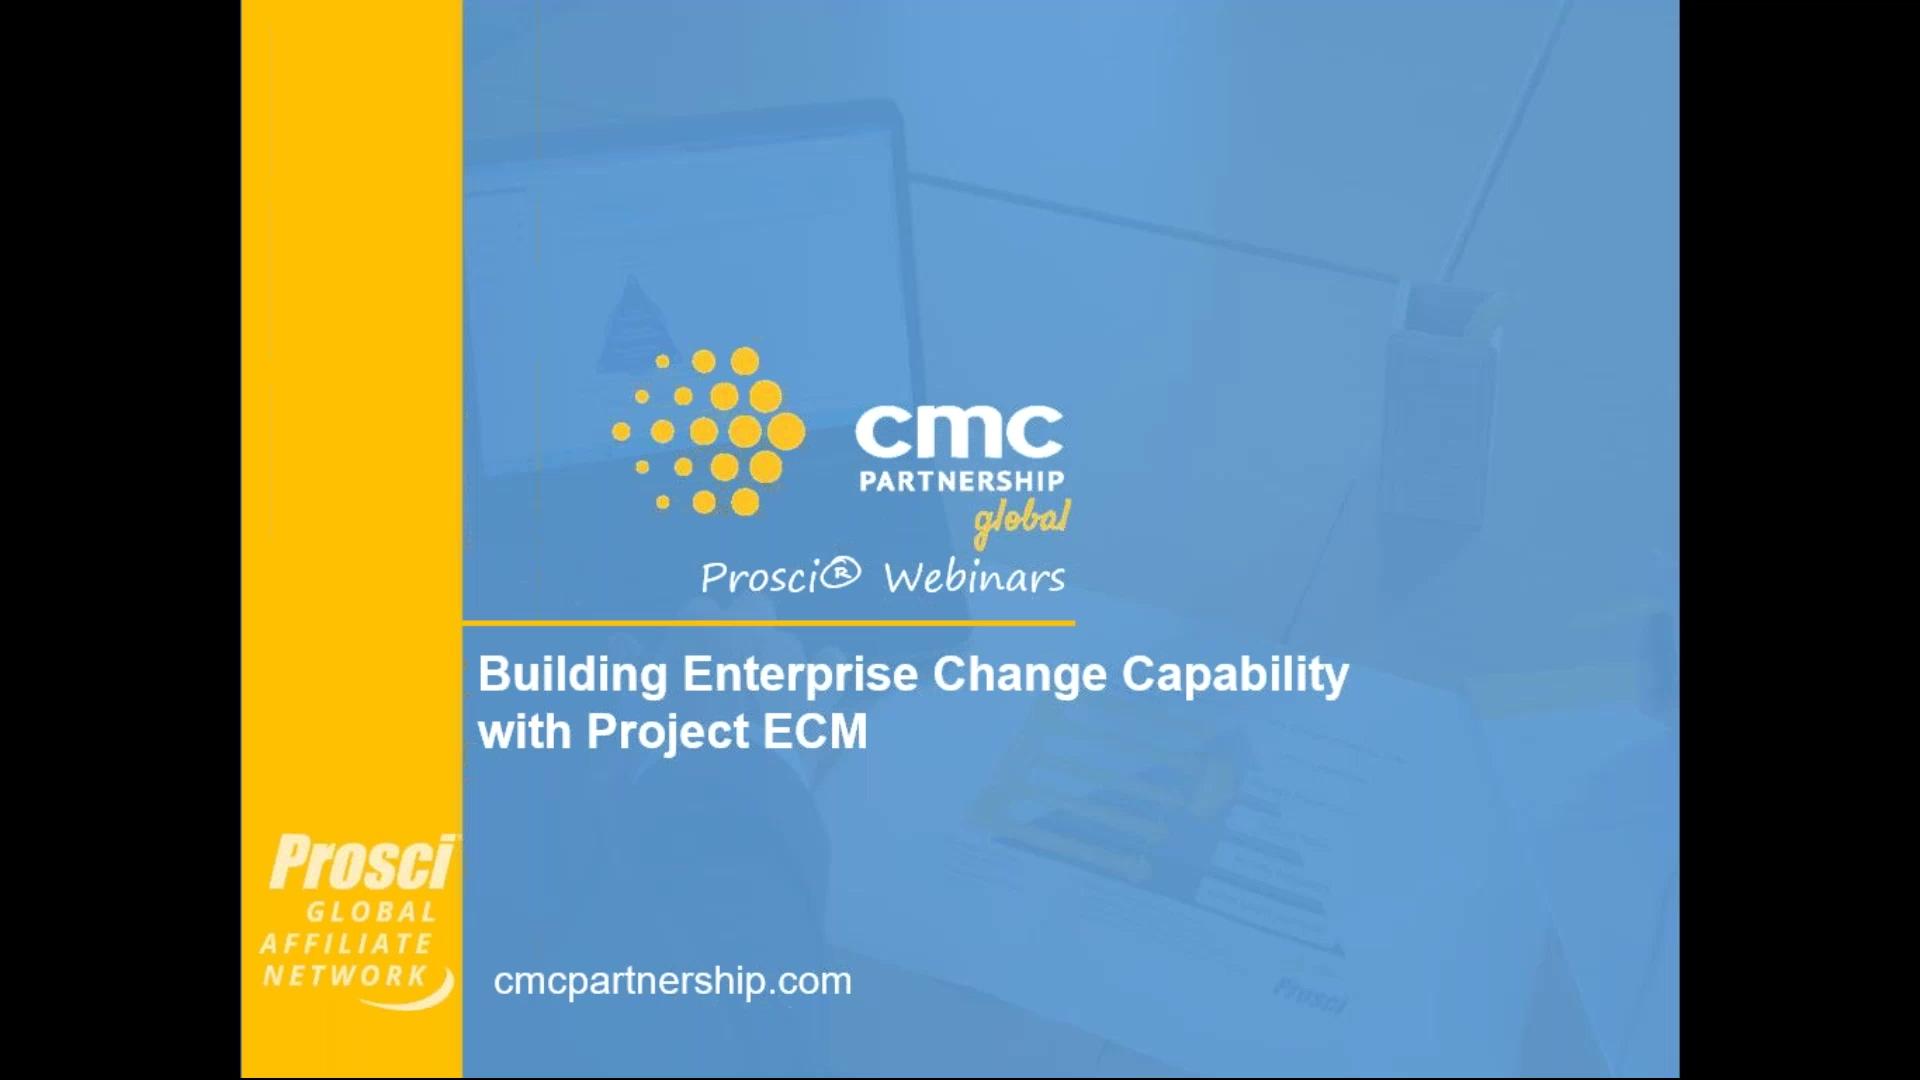 06.06.20 Building Enterprise Change Capability with Project ECM